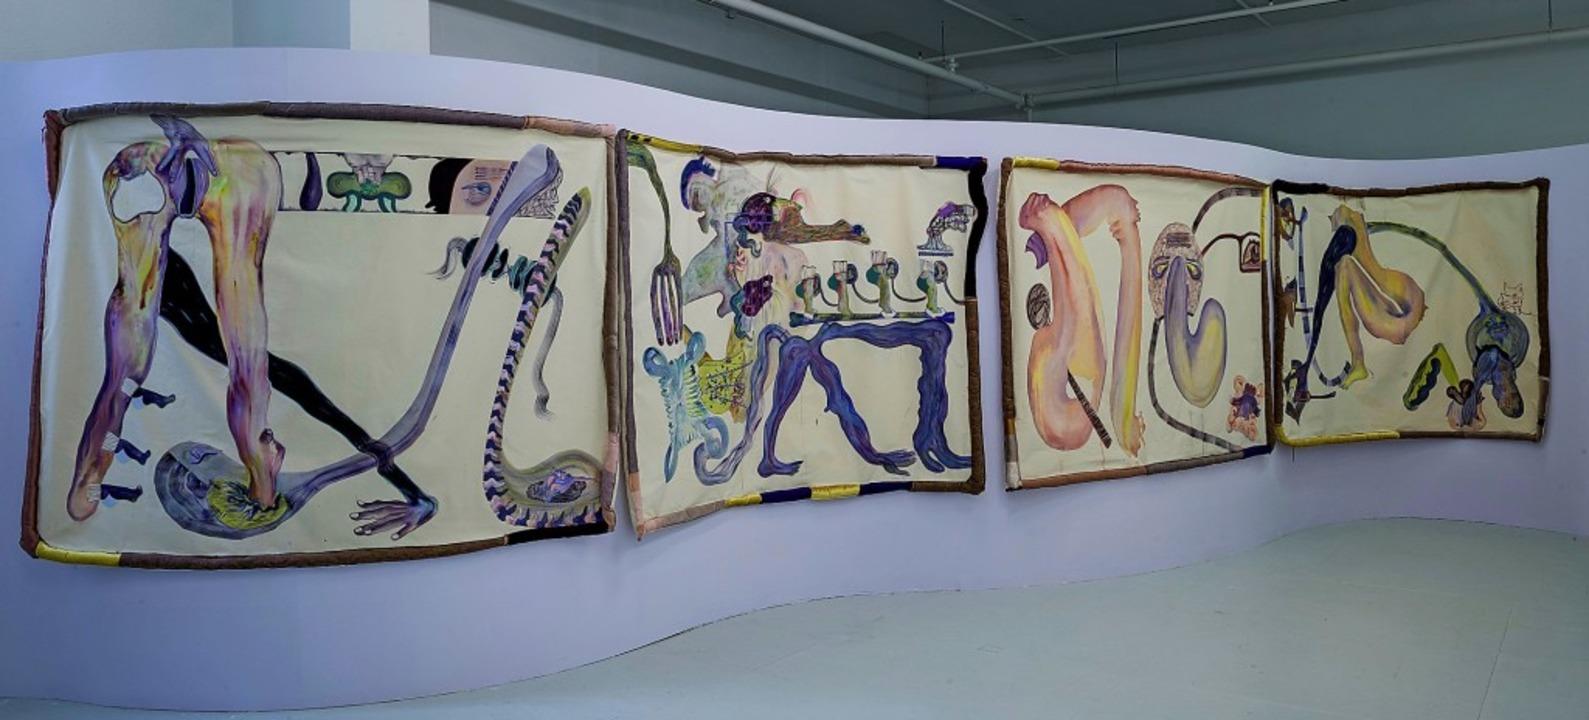 """Heloise Delègue: """"Spooning Sucks"""", Installationsansicht     Foto: Marc Doradzillo"""